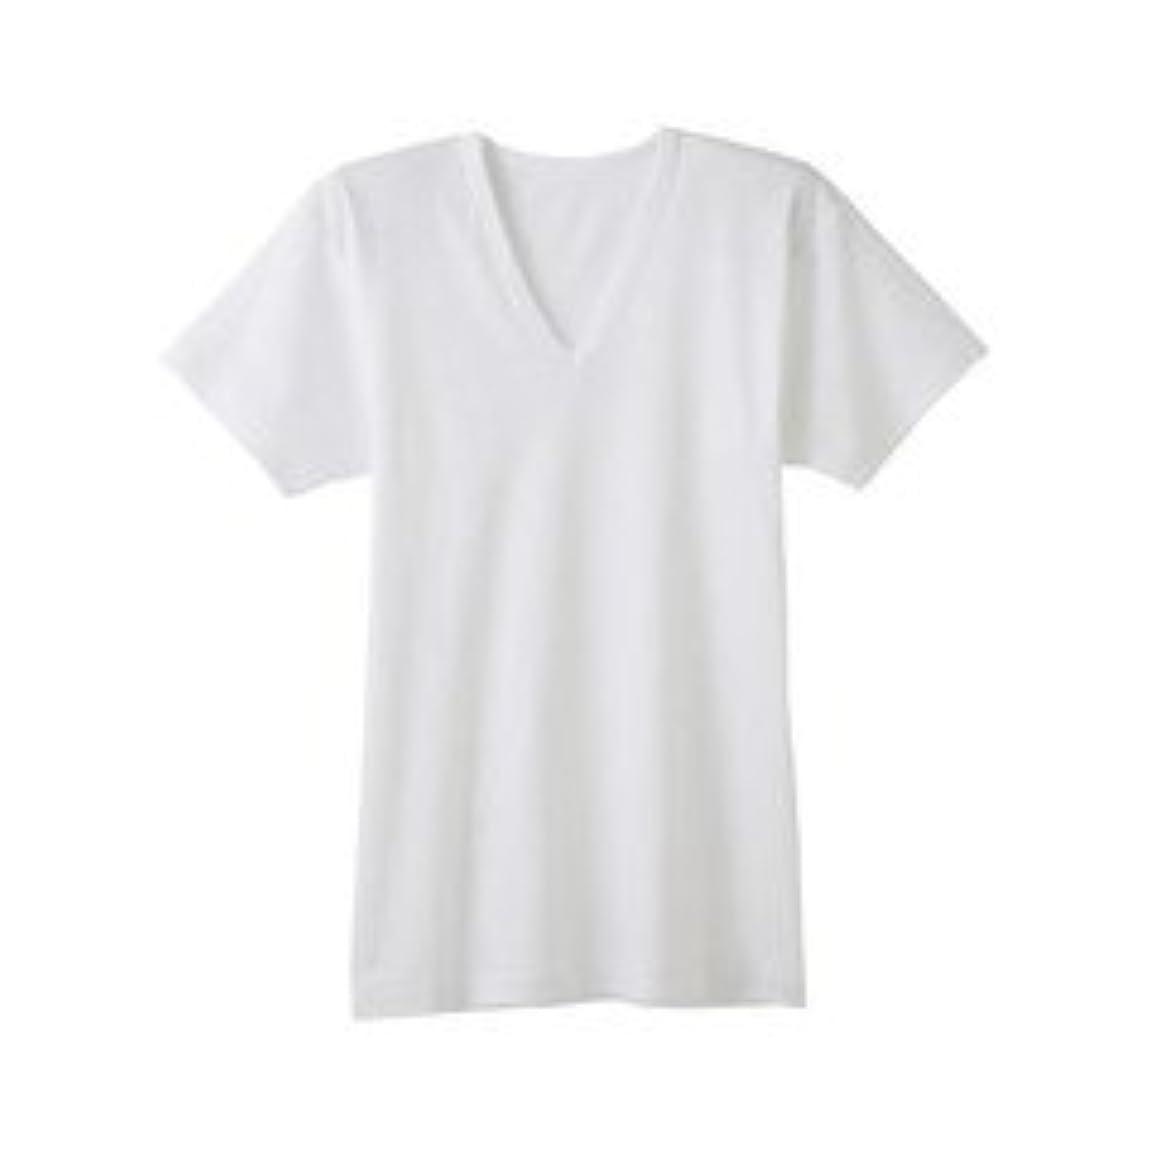 あなたは比較的満了グンゼ GUNZE RC2415A-03-M シーズン涼感平台 抗菌防臭 半袖V首シャツ(2枚組) M ホワイト/メンズ